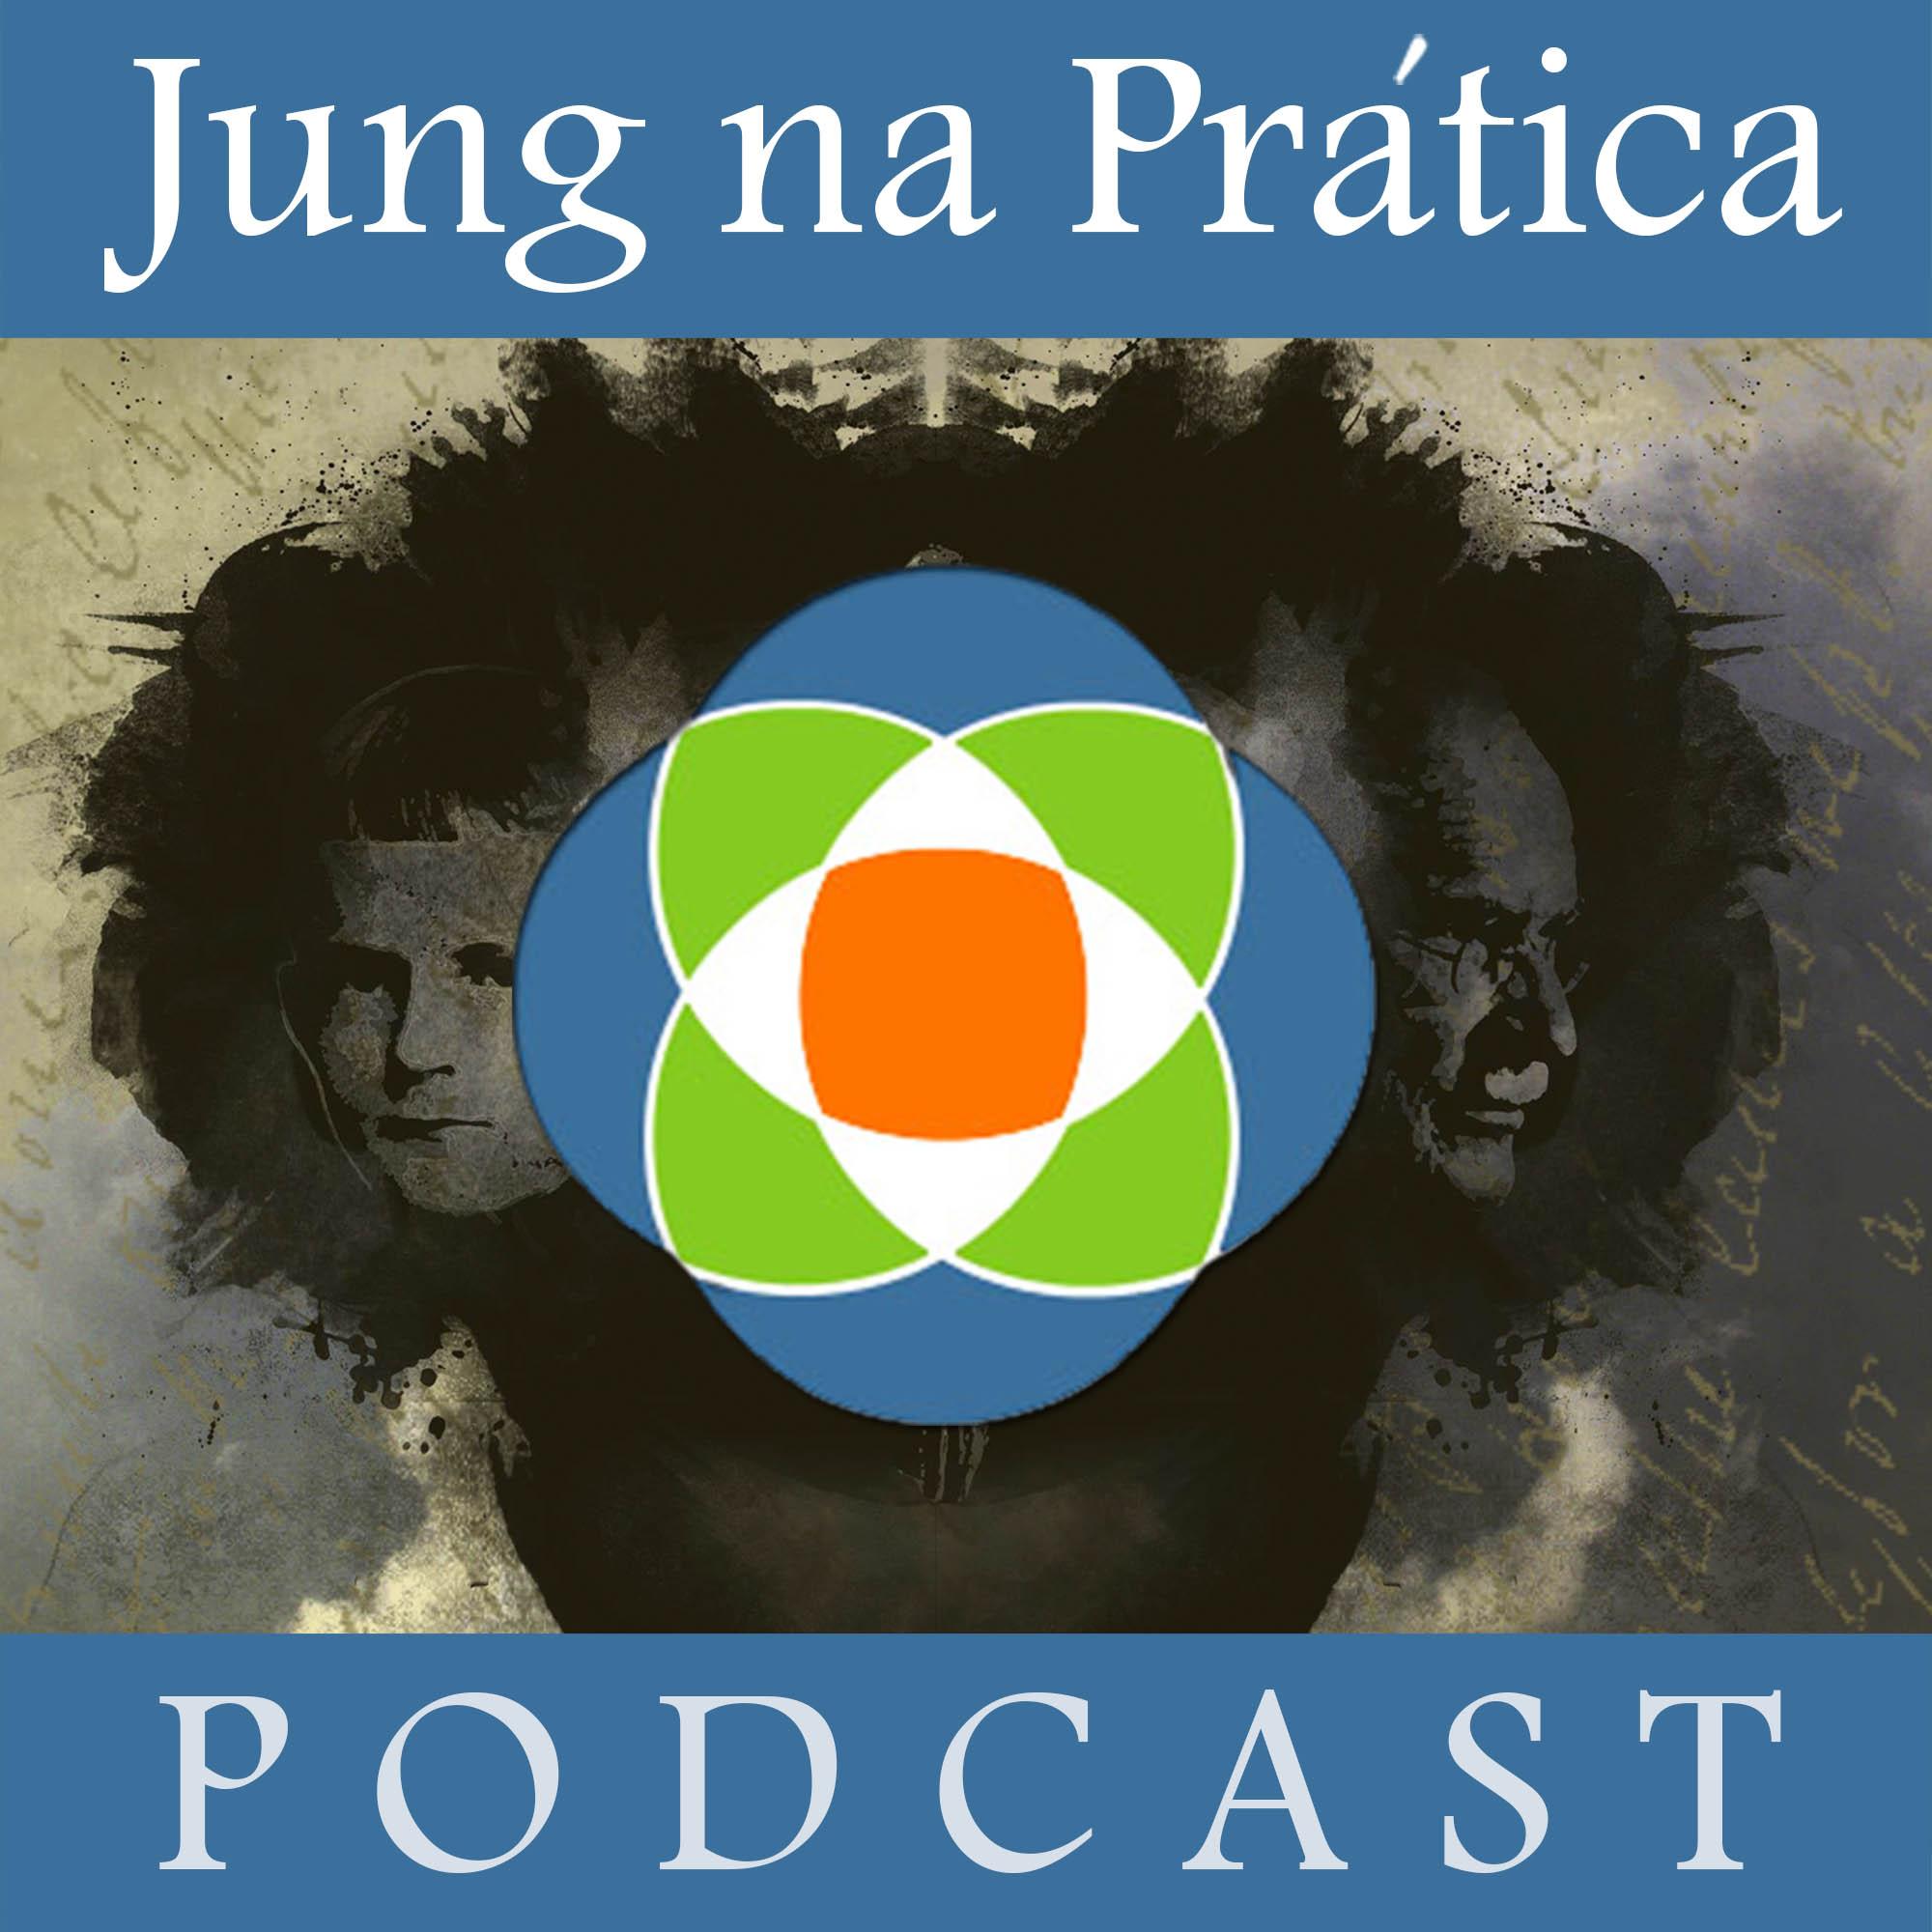 Jung na Prática PodCast